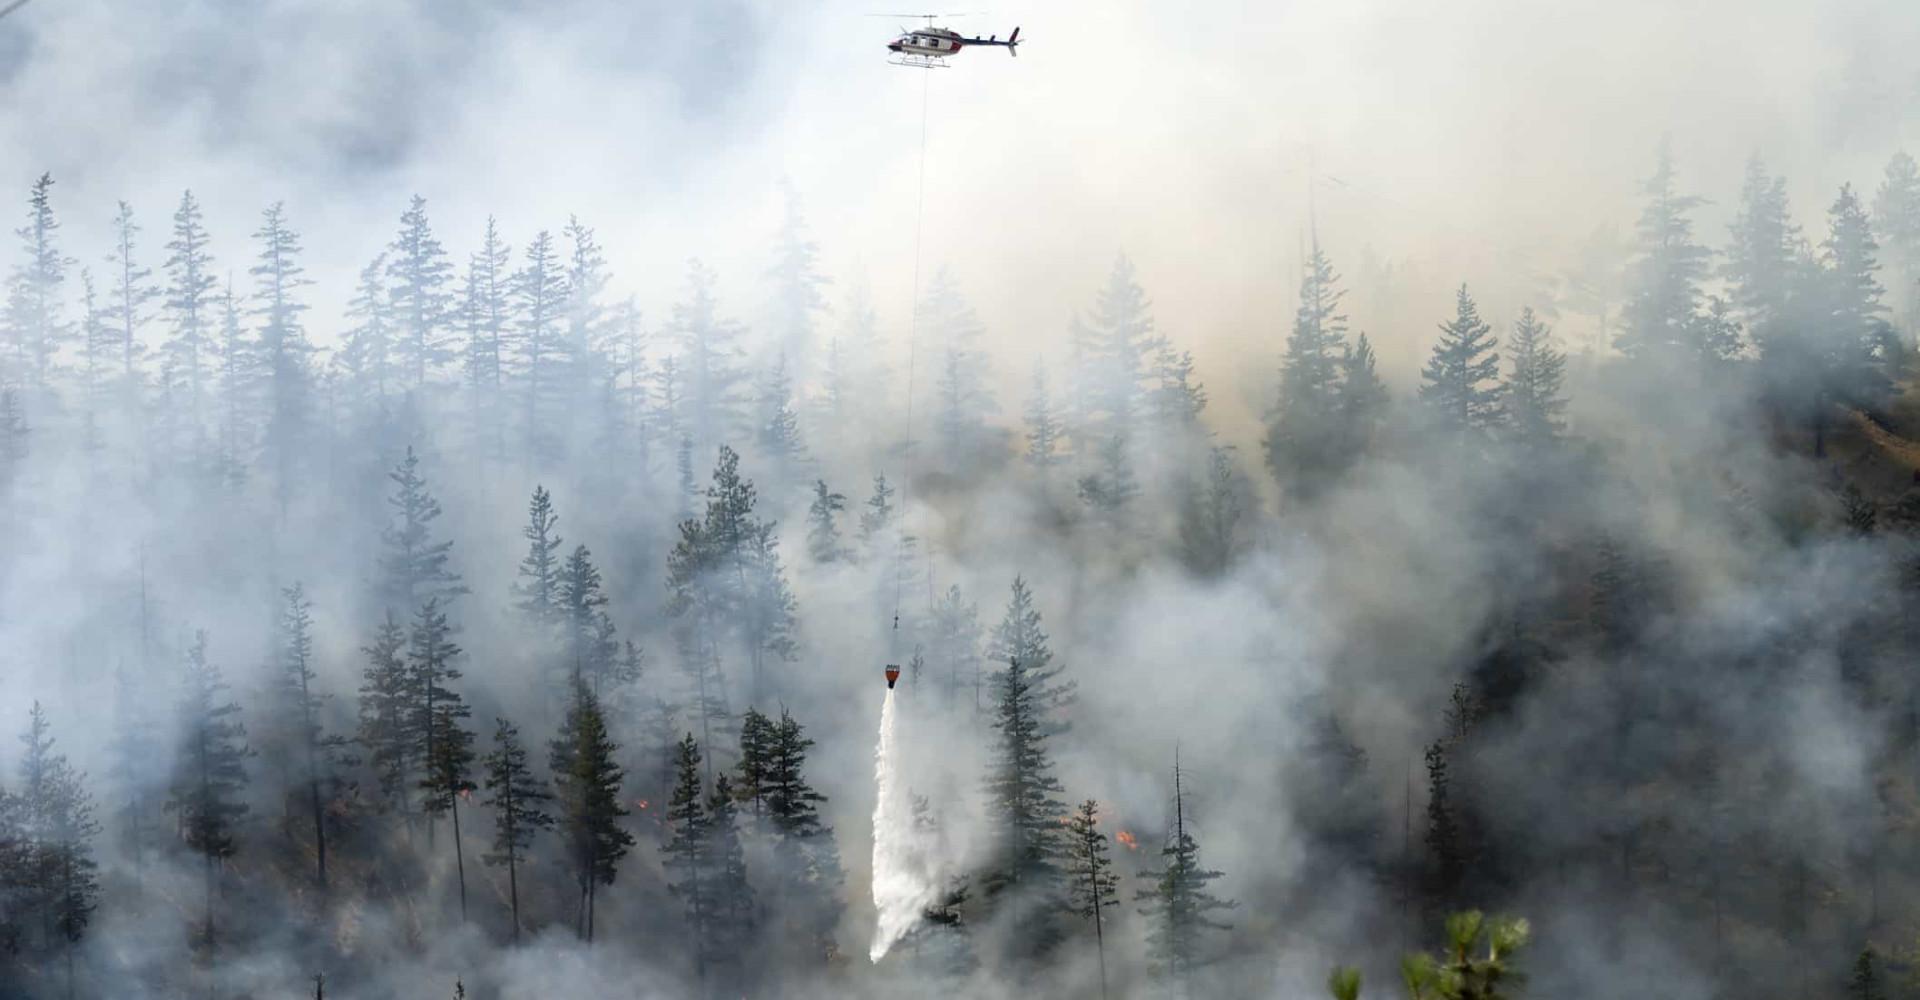 Os incêndios que marcaram a história da humanidade